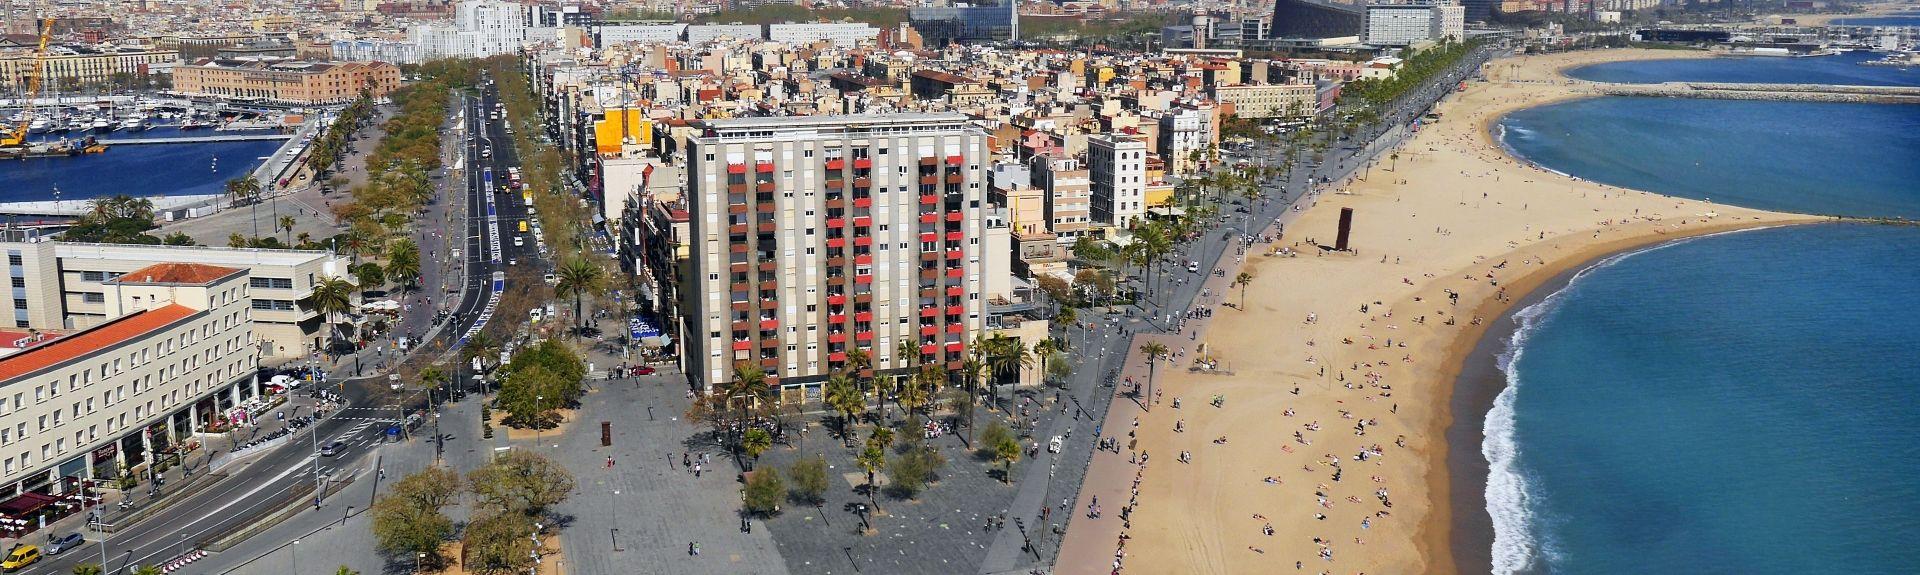 La Sagrada Familia, Barcellona, Catalogna, Spagna